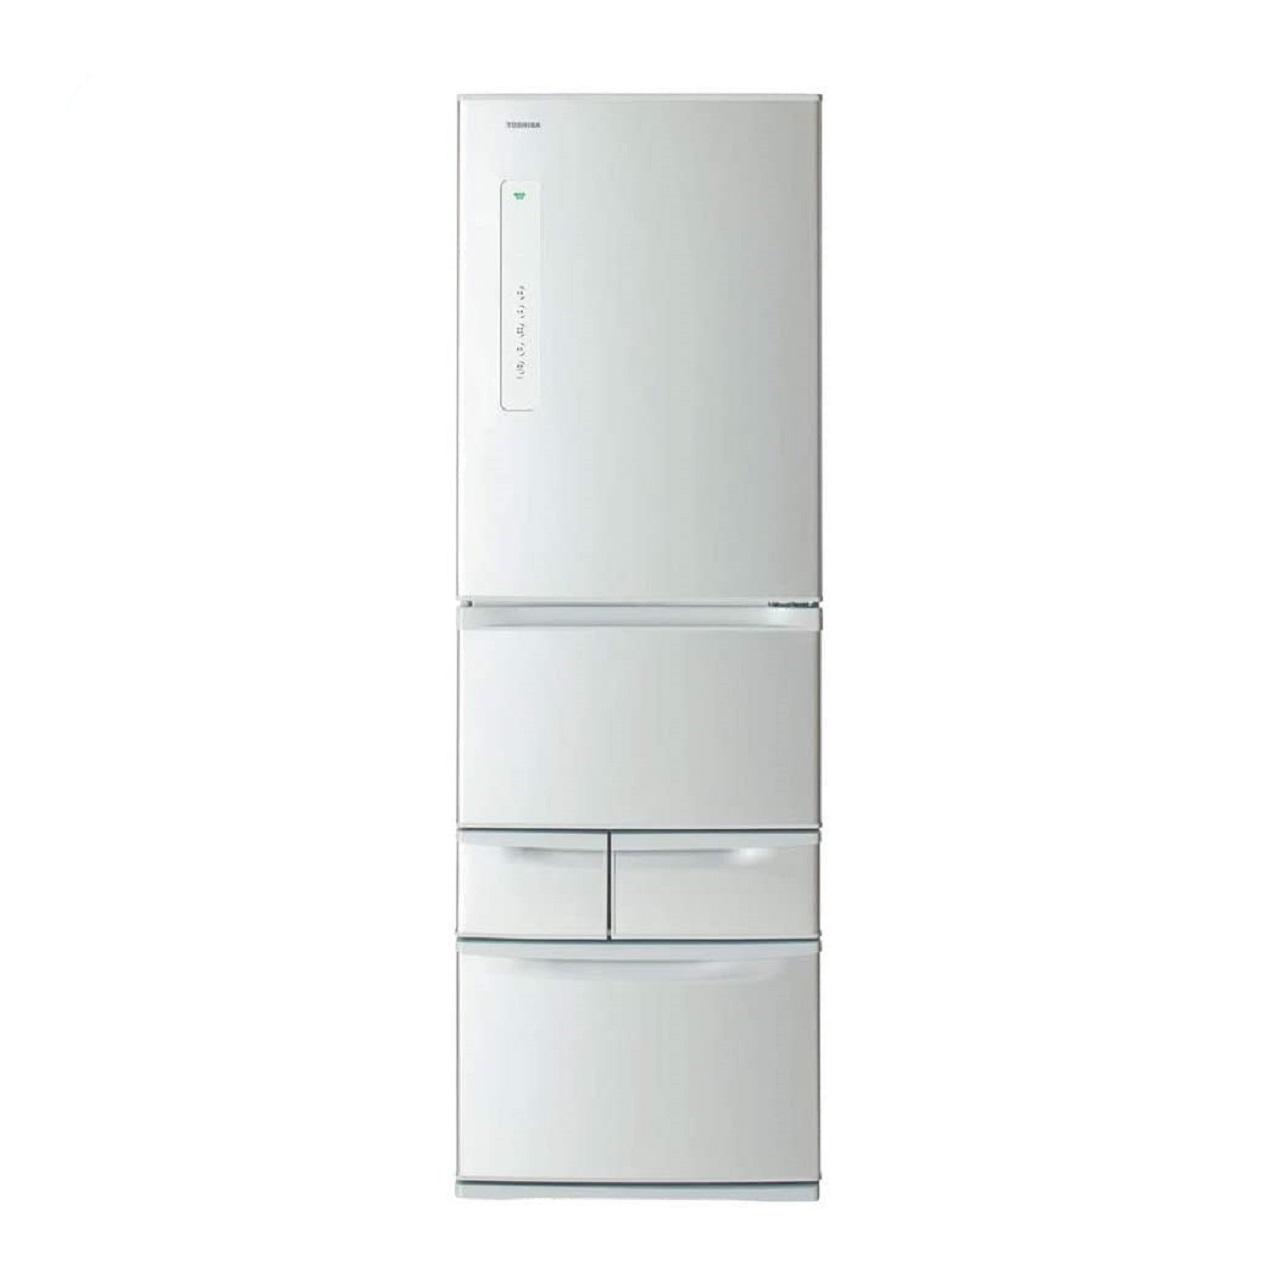 東芝GR-R41G冷蔵庫